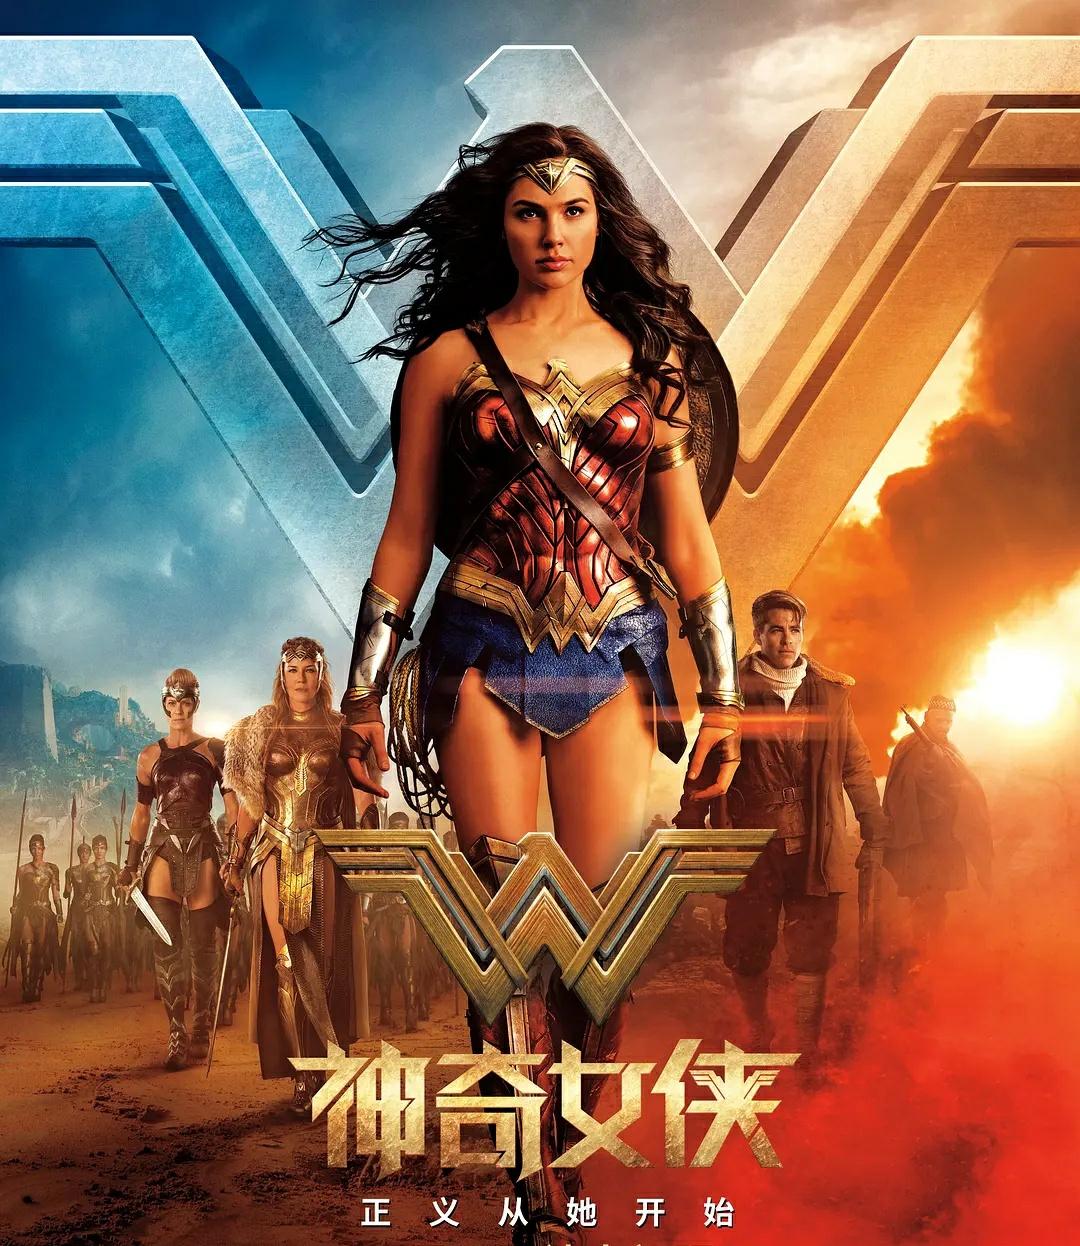 神奇女侠3立项,盖尔加朵继续出演神奇女侠,派蒂杰金斯执导编剧